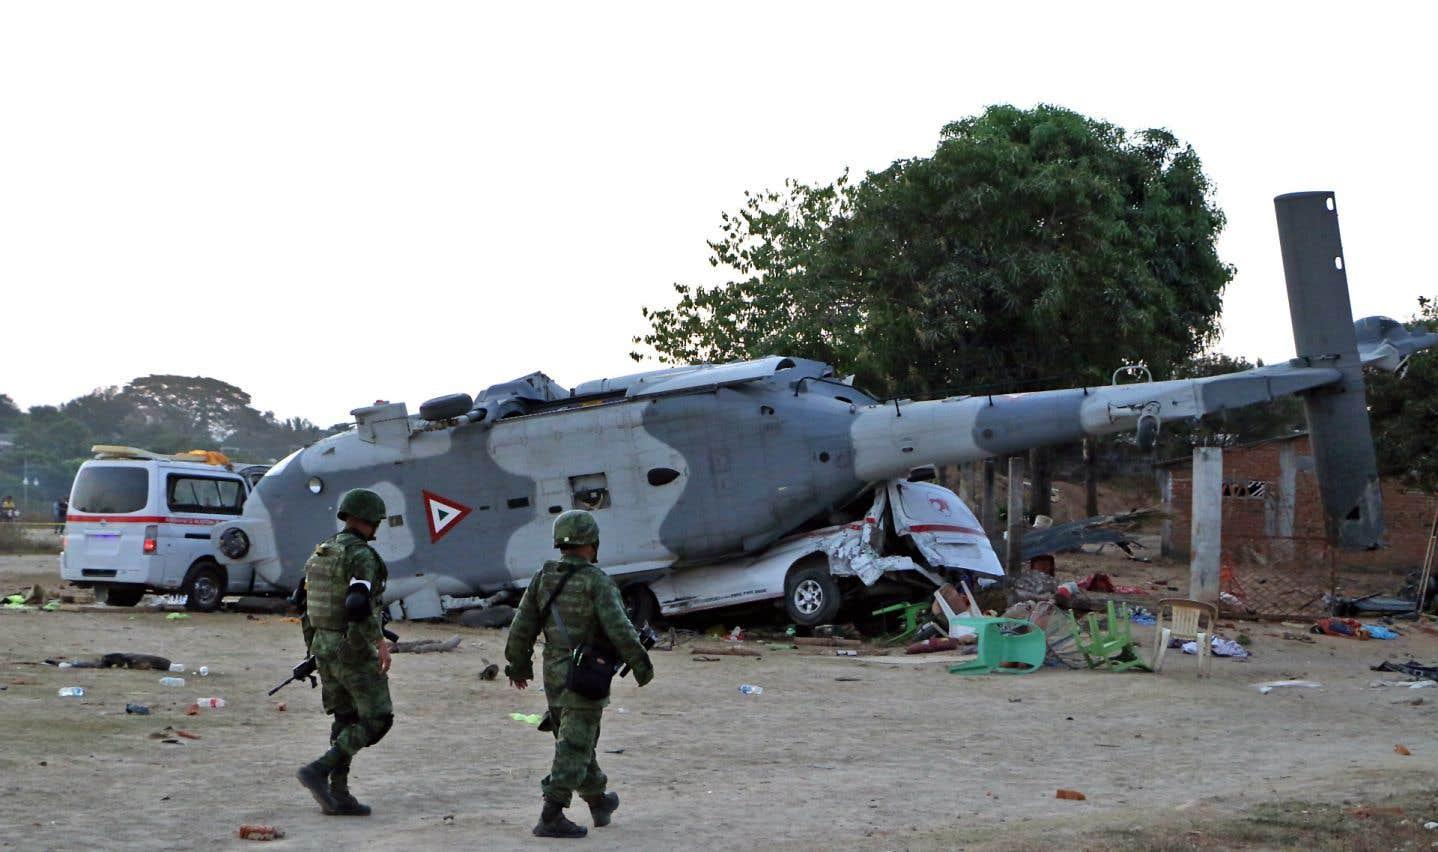 L'écrasement d'hélicoptère a fait au moins 13 morts.